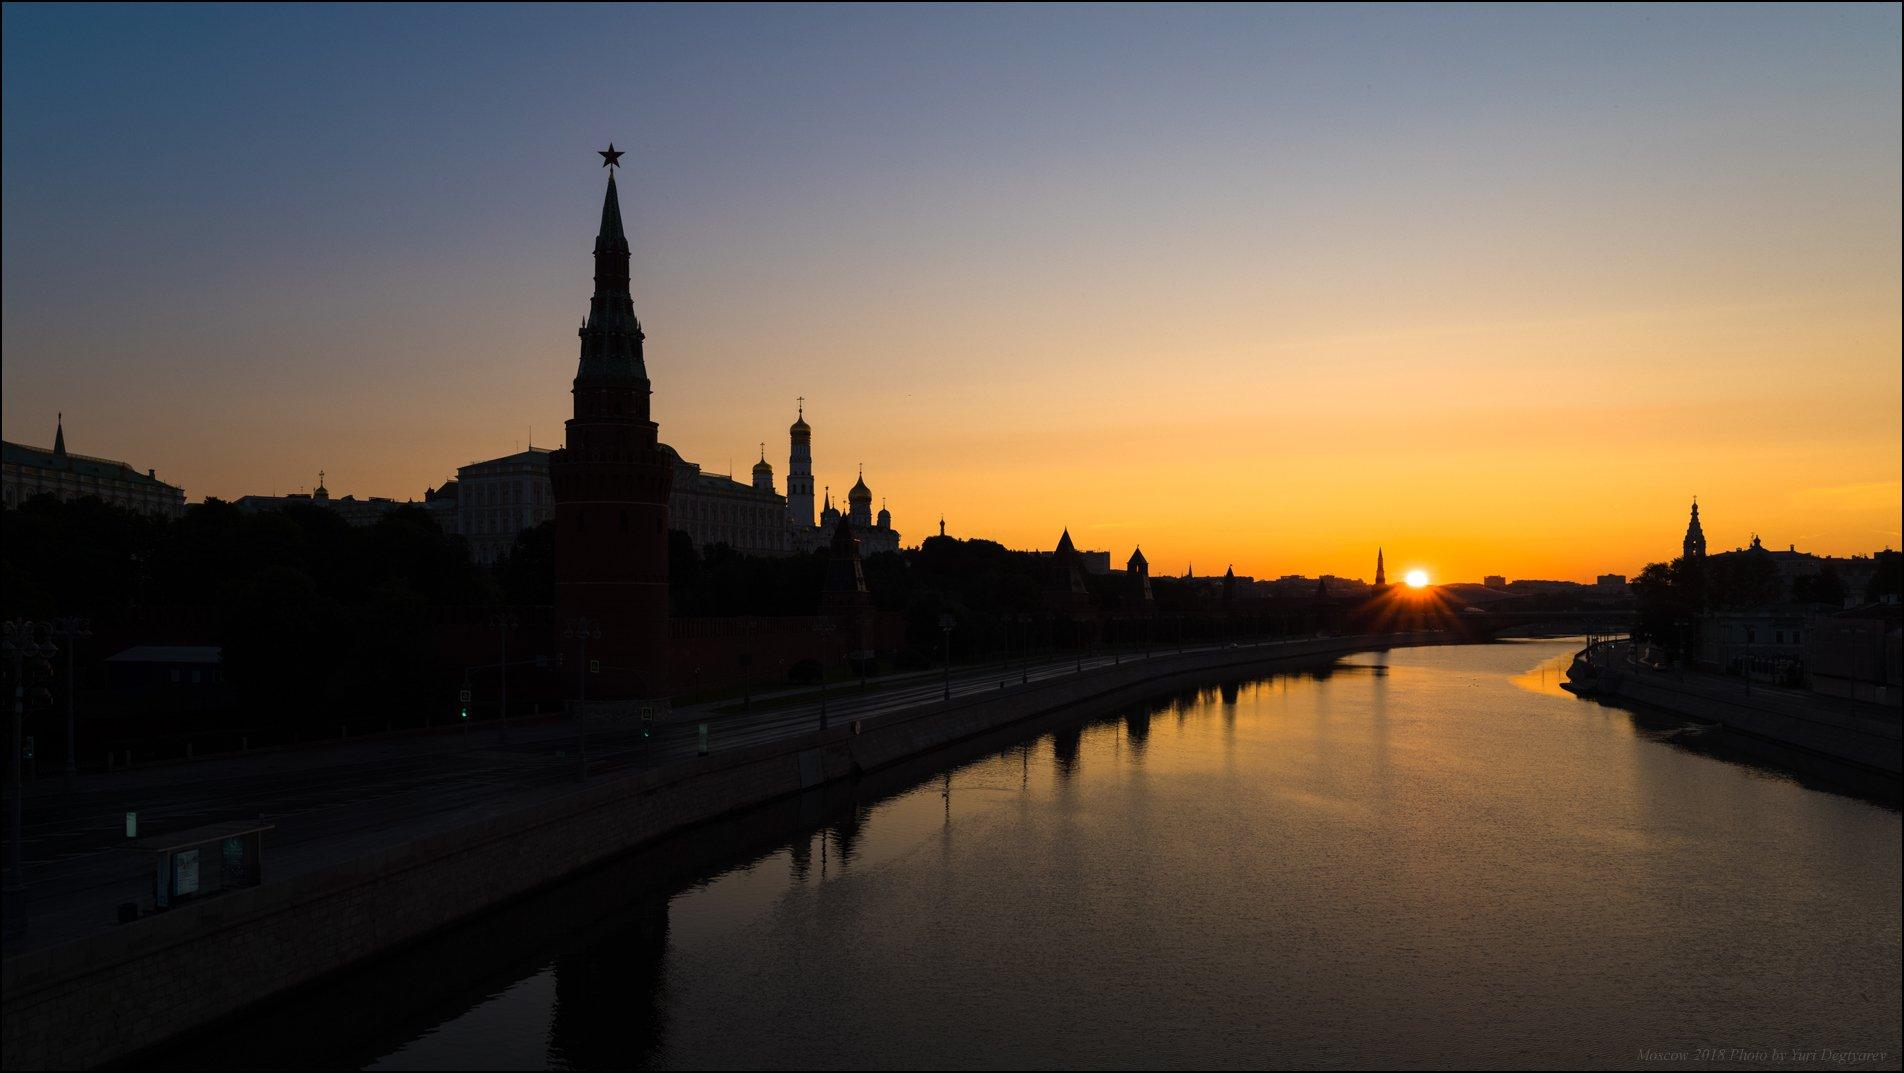 город, Москва, Московский, Кремль, река, силуэт, рассвет, солнце, Юрий Дегтярёв